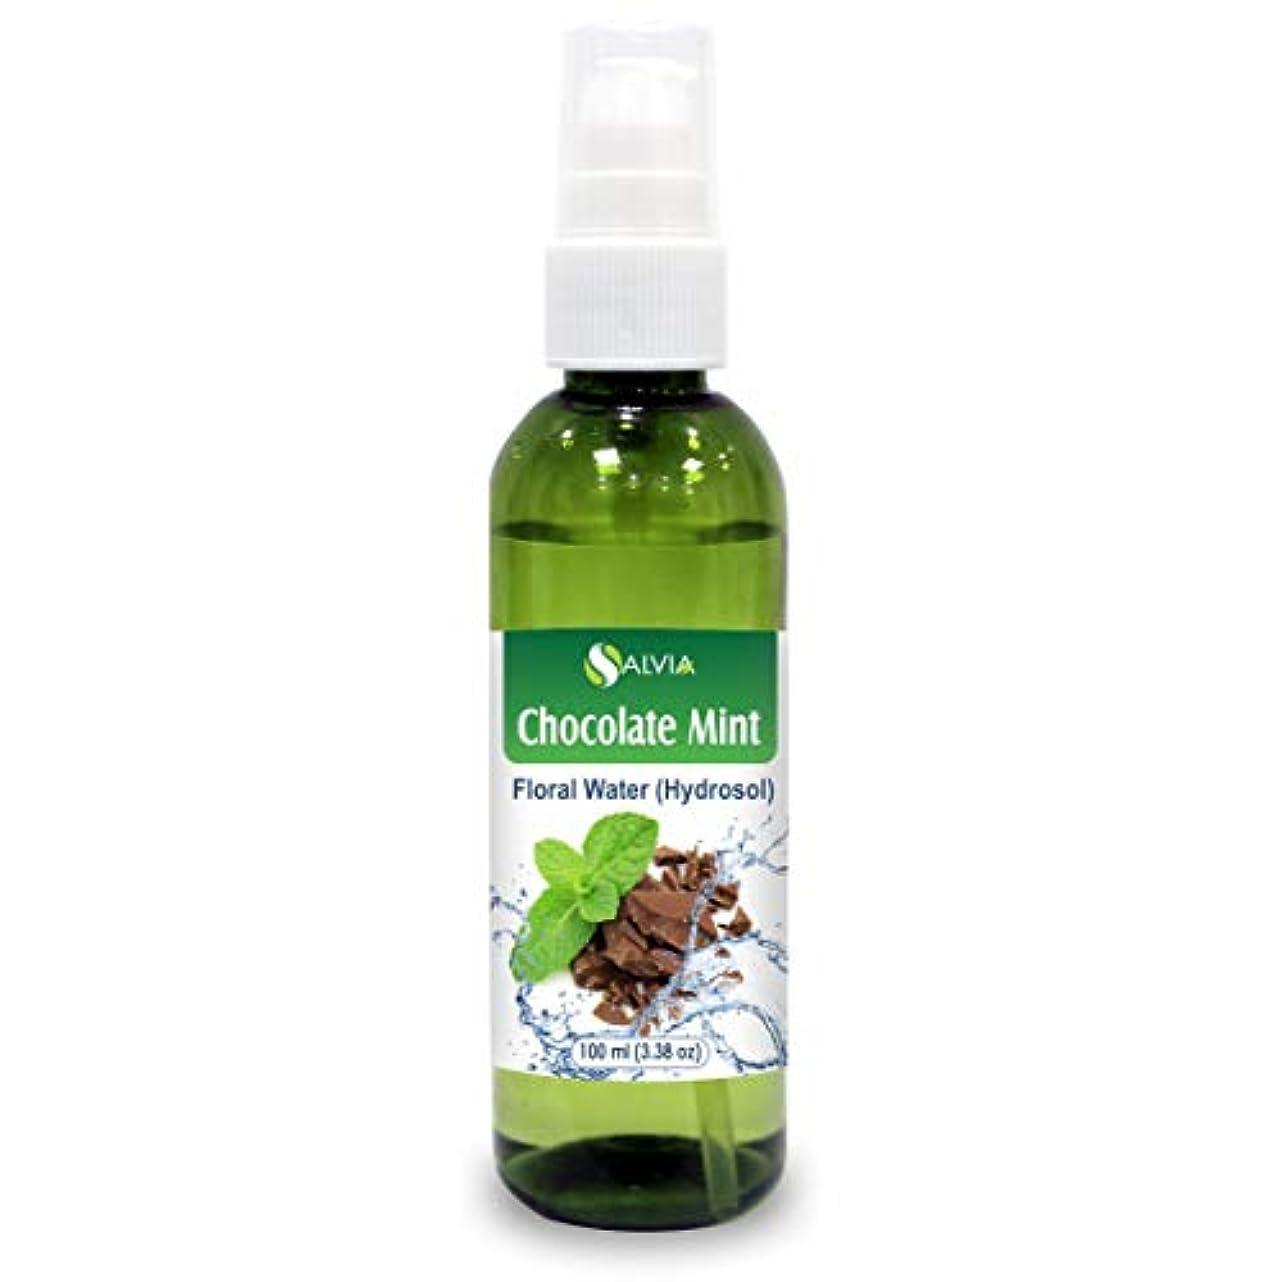 今晩引退した経験者Chocolate Mint Floral Water 100ml (Hydrosol) 100% Pure And Natural